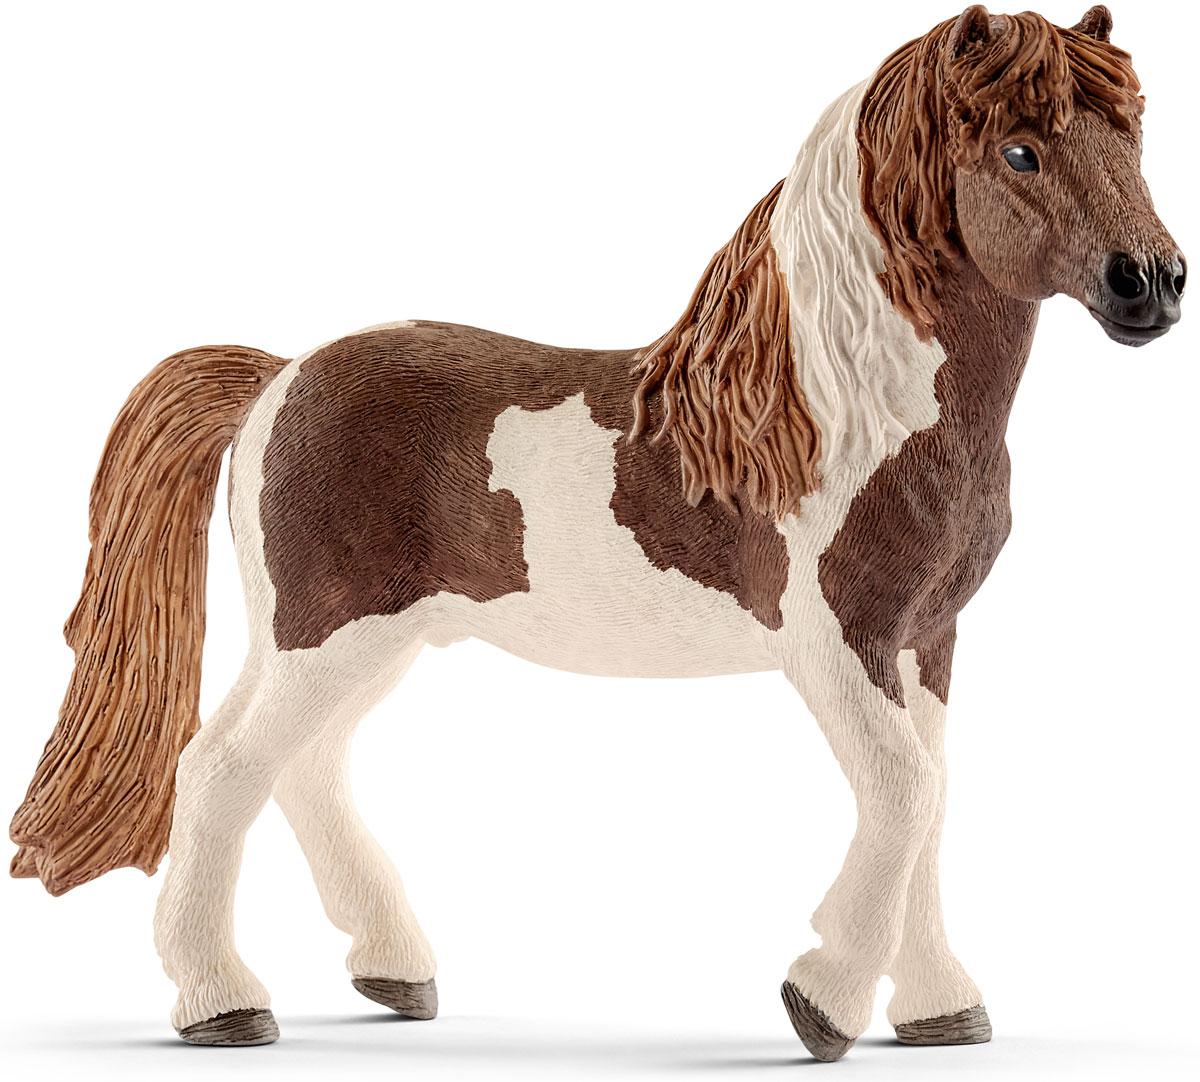 Schleich Фигурка Исландский пони жеребец schleich конюх и исландский пони